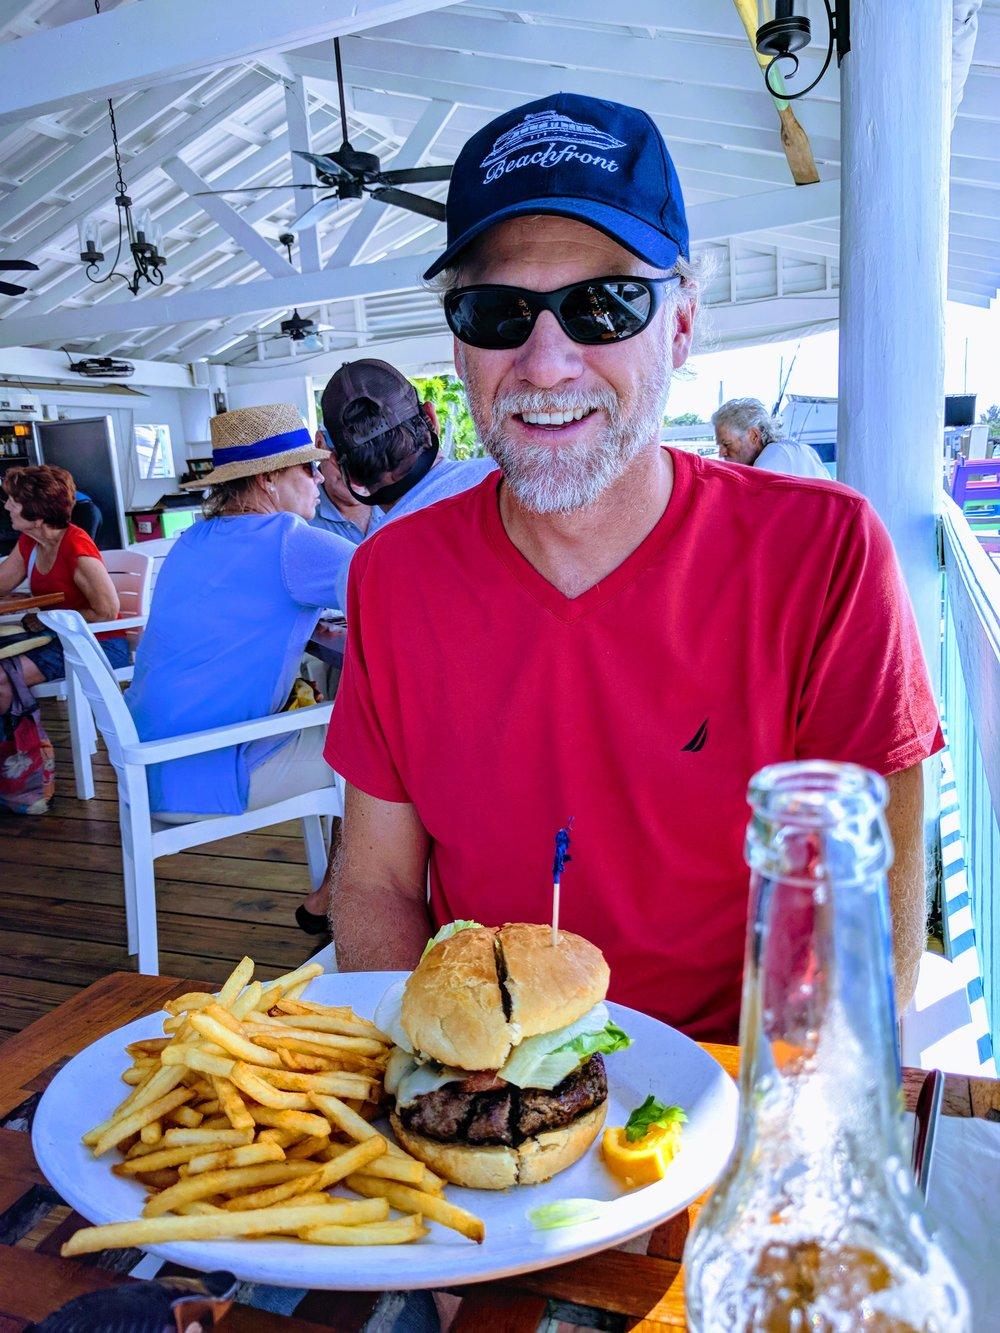 Andrew's burger was outstanding.